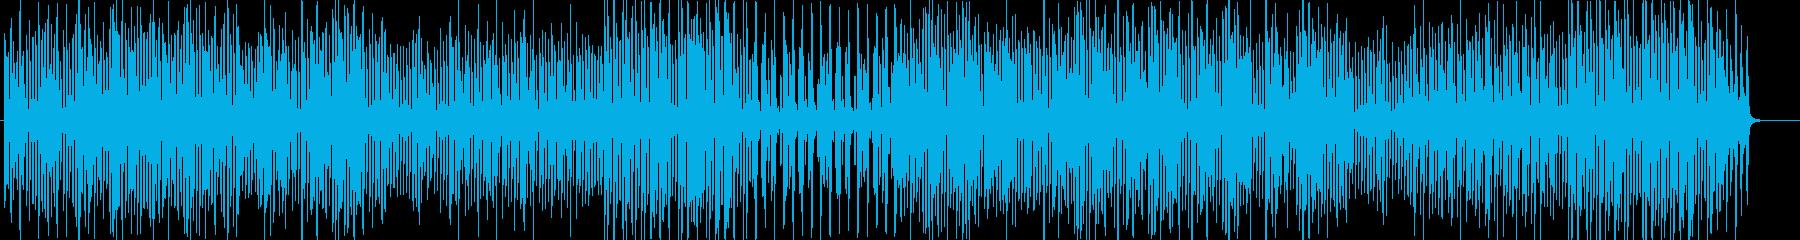 フルートとバイオリンのワルツ=森・村の再生済みの波形